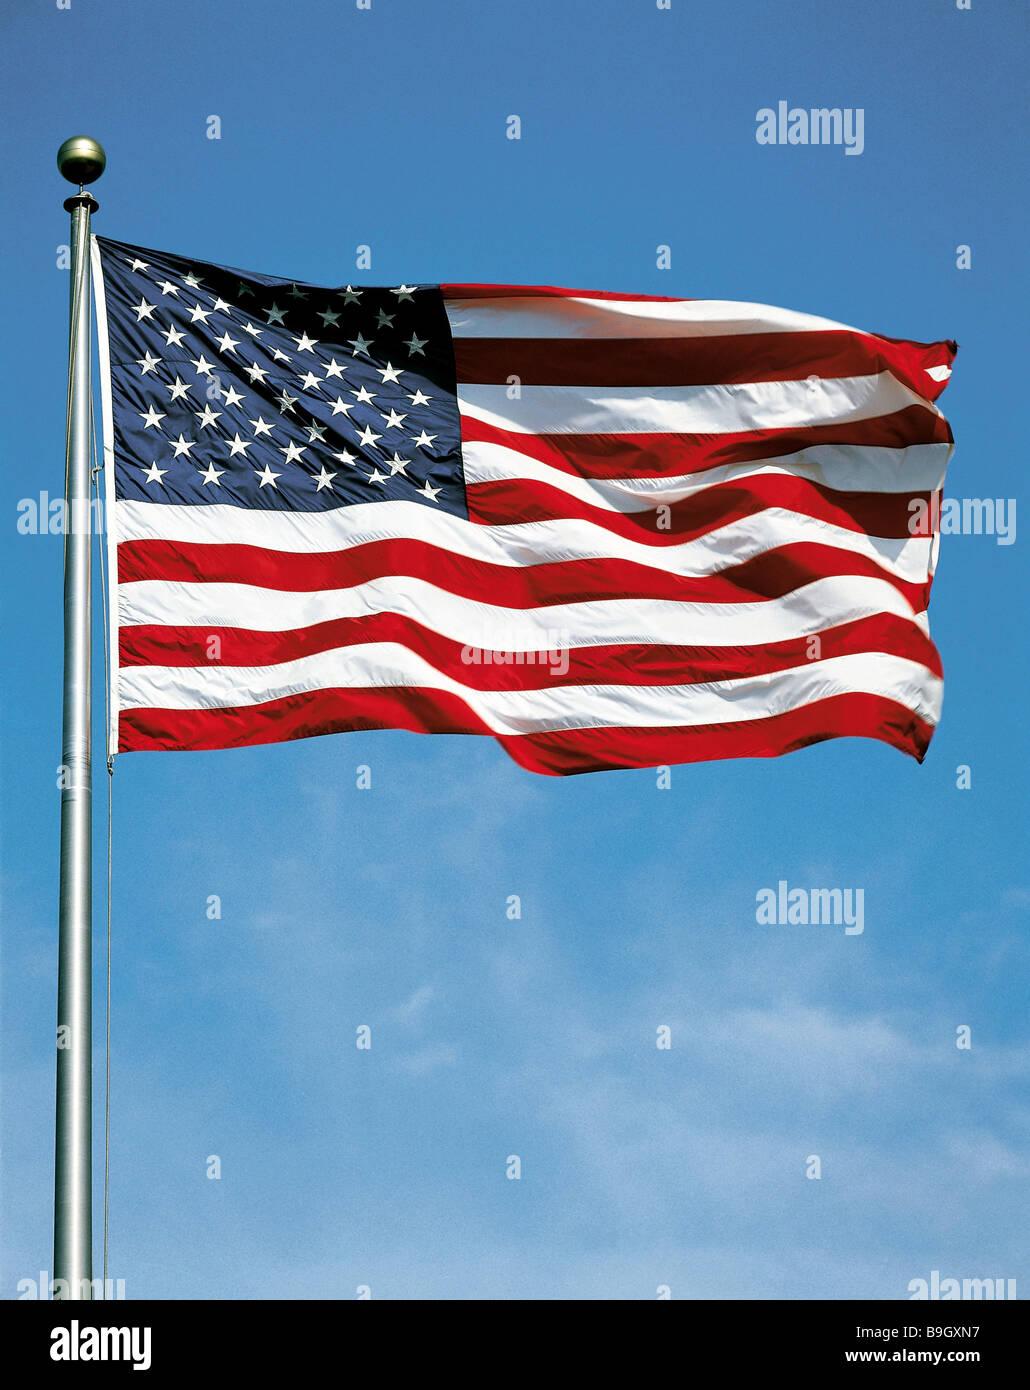 Ziemlich Usa Flagge Färbung Seite Bilder - Malvorlagen Von Tieren ...